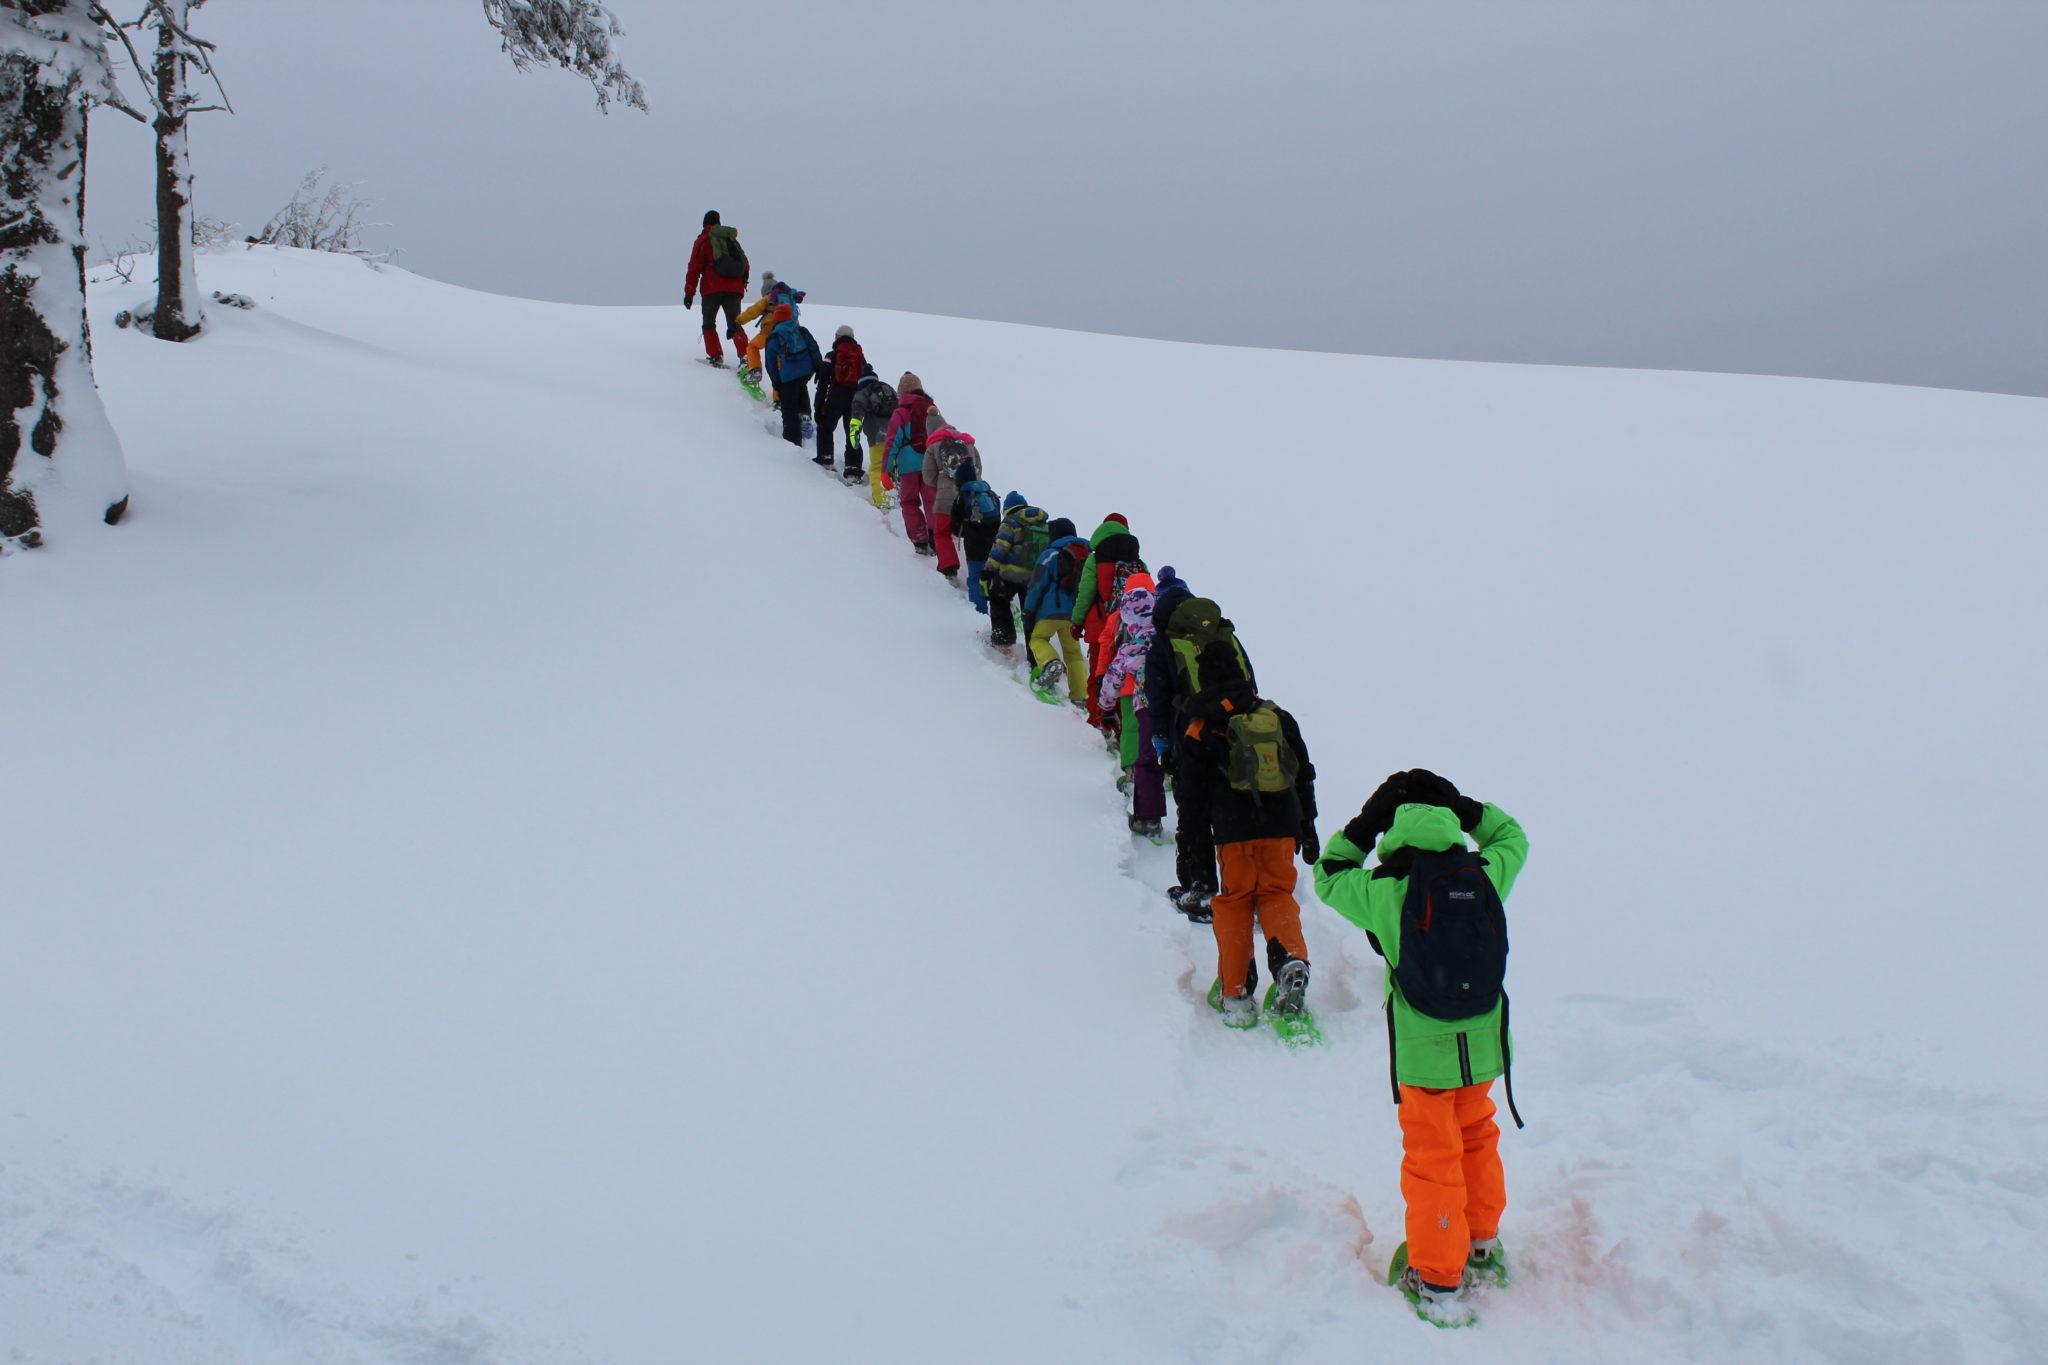 Schneeschuhwanderung am Dobratsch